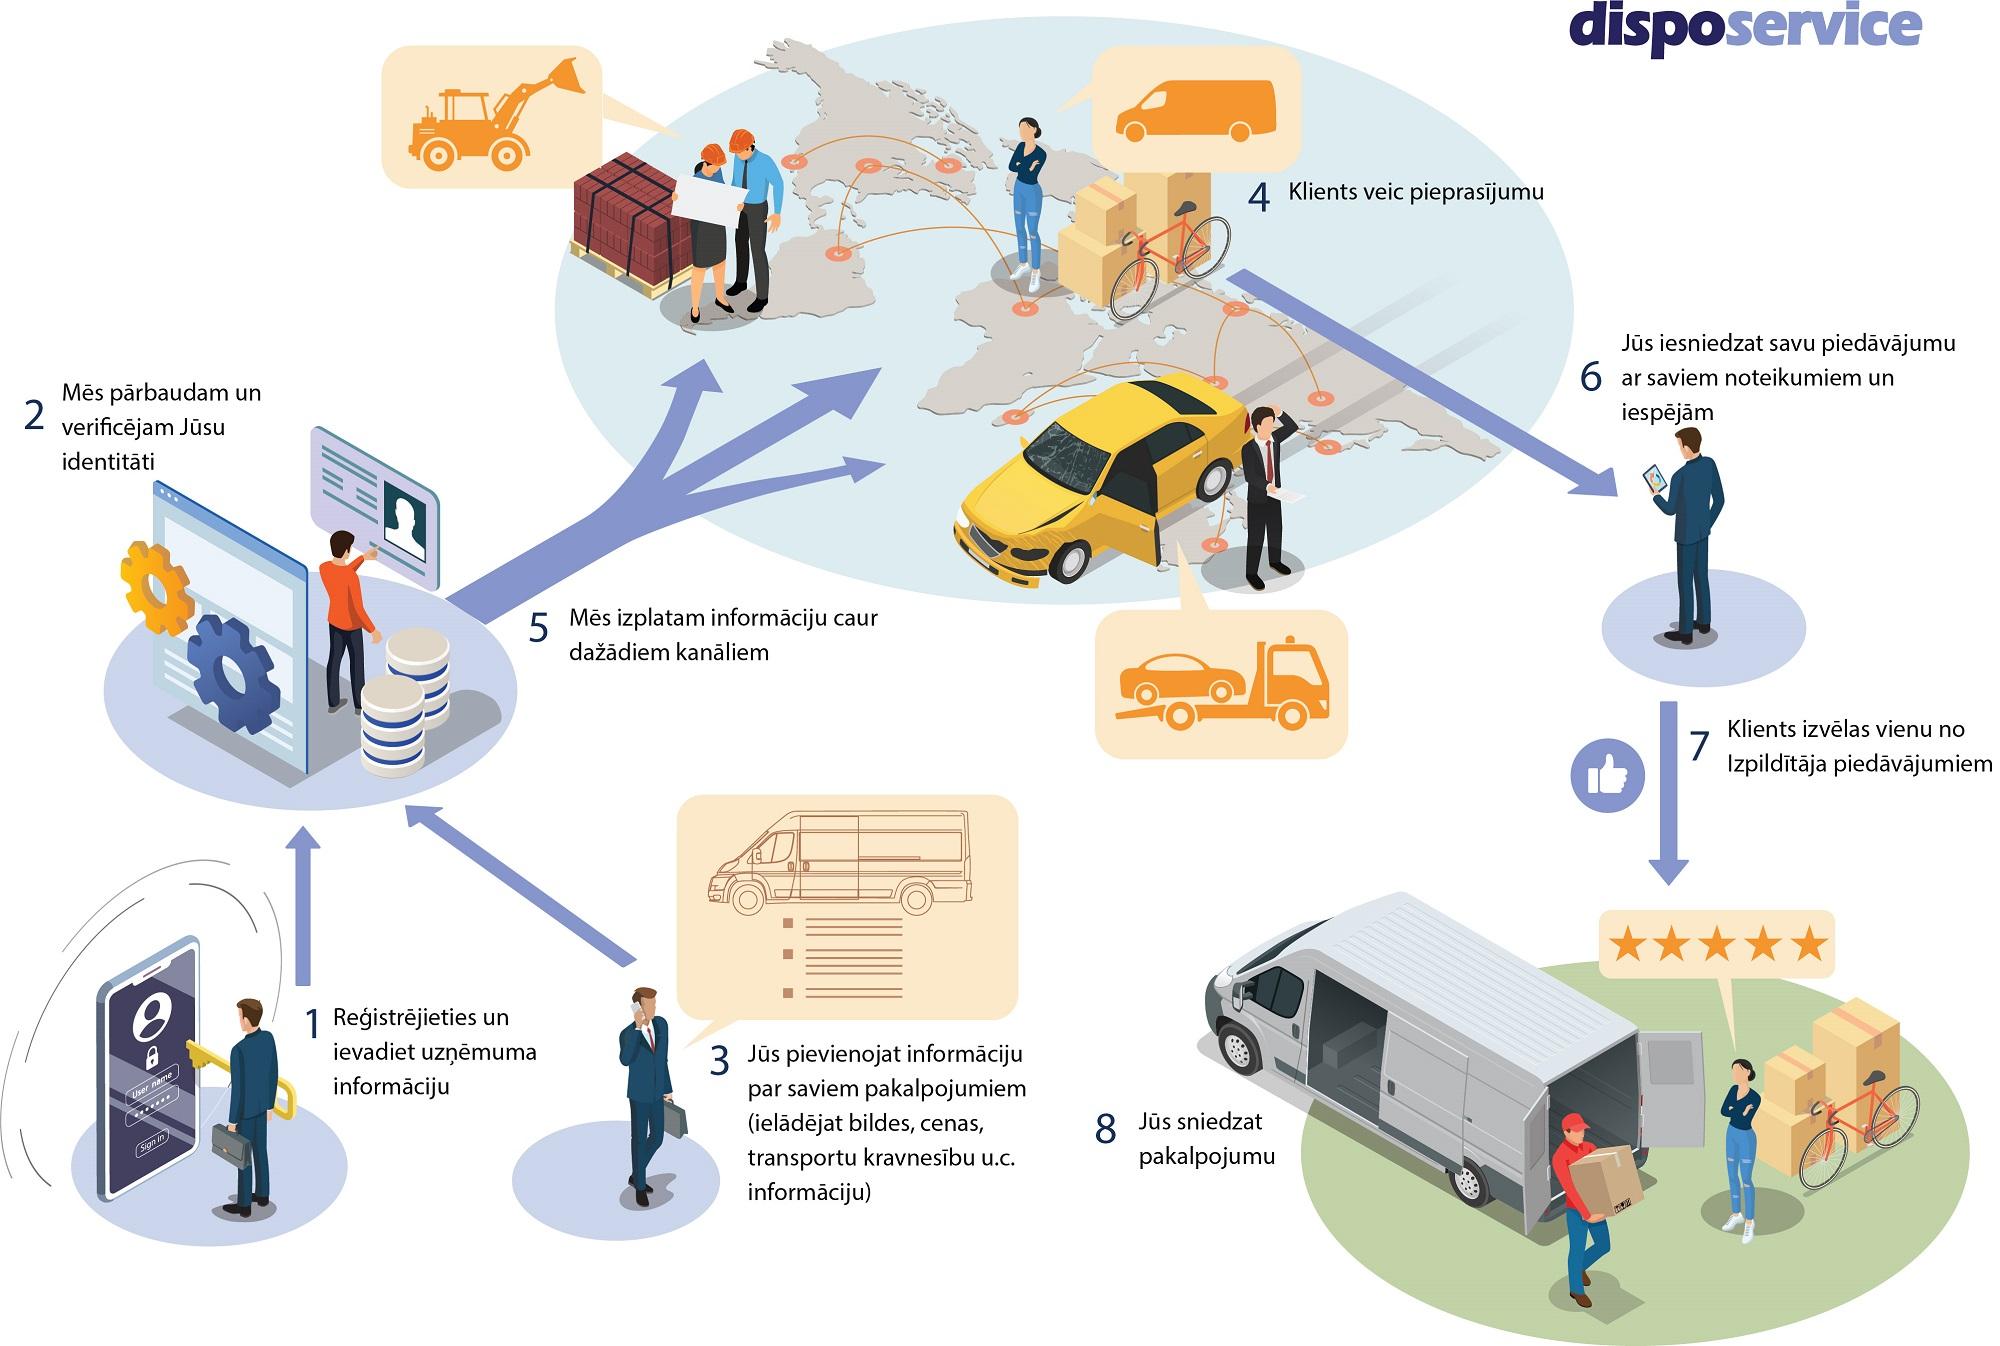 DispoService - Kļūt par partneri